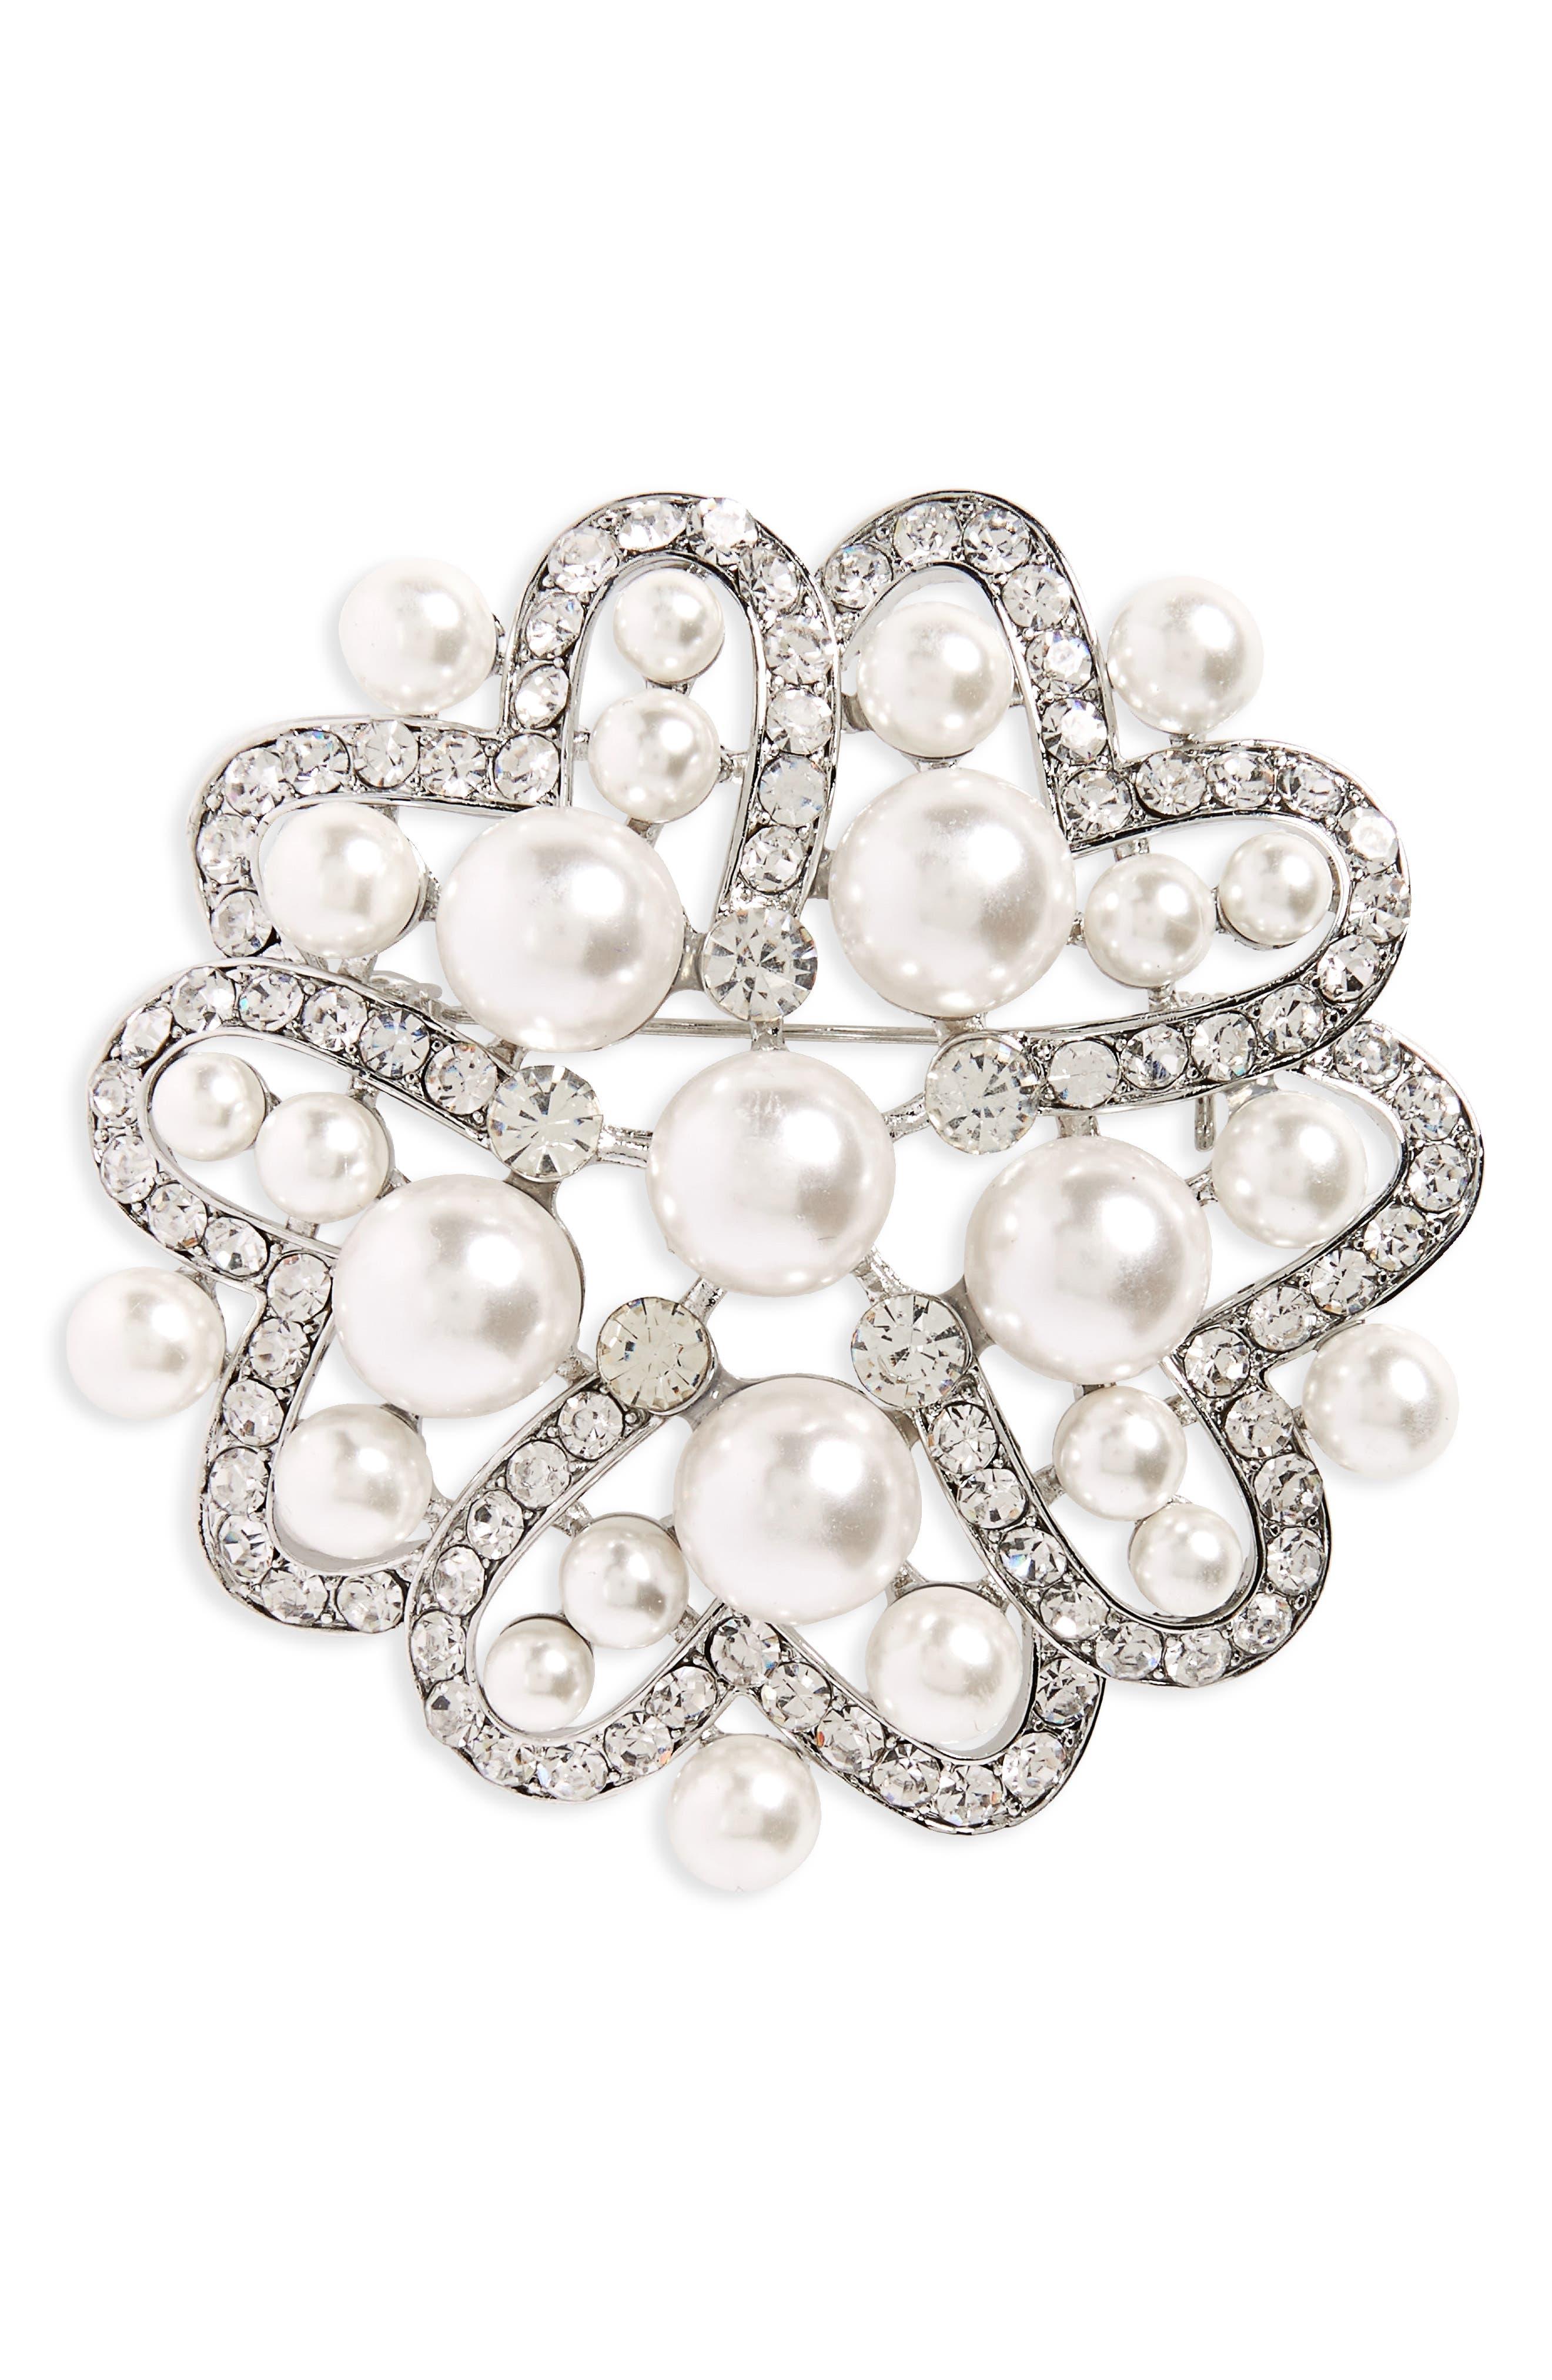 Main Image - Nina Imitation Pearl & Crystal Brooch